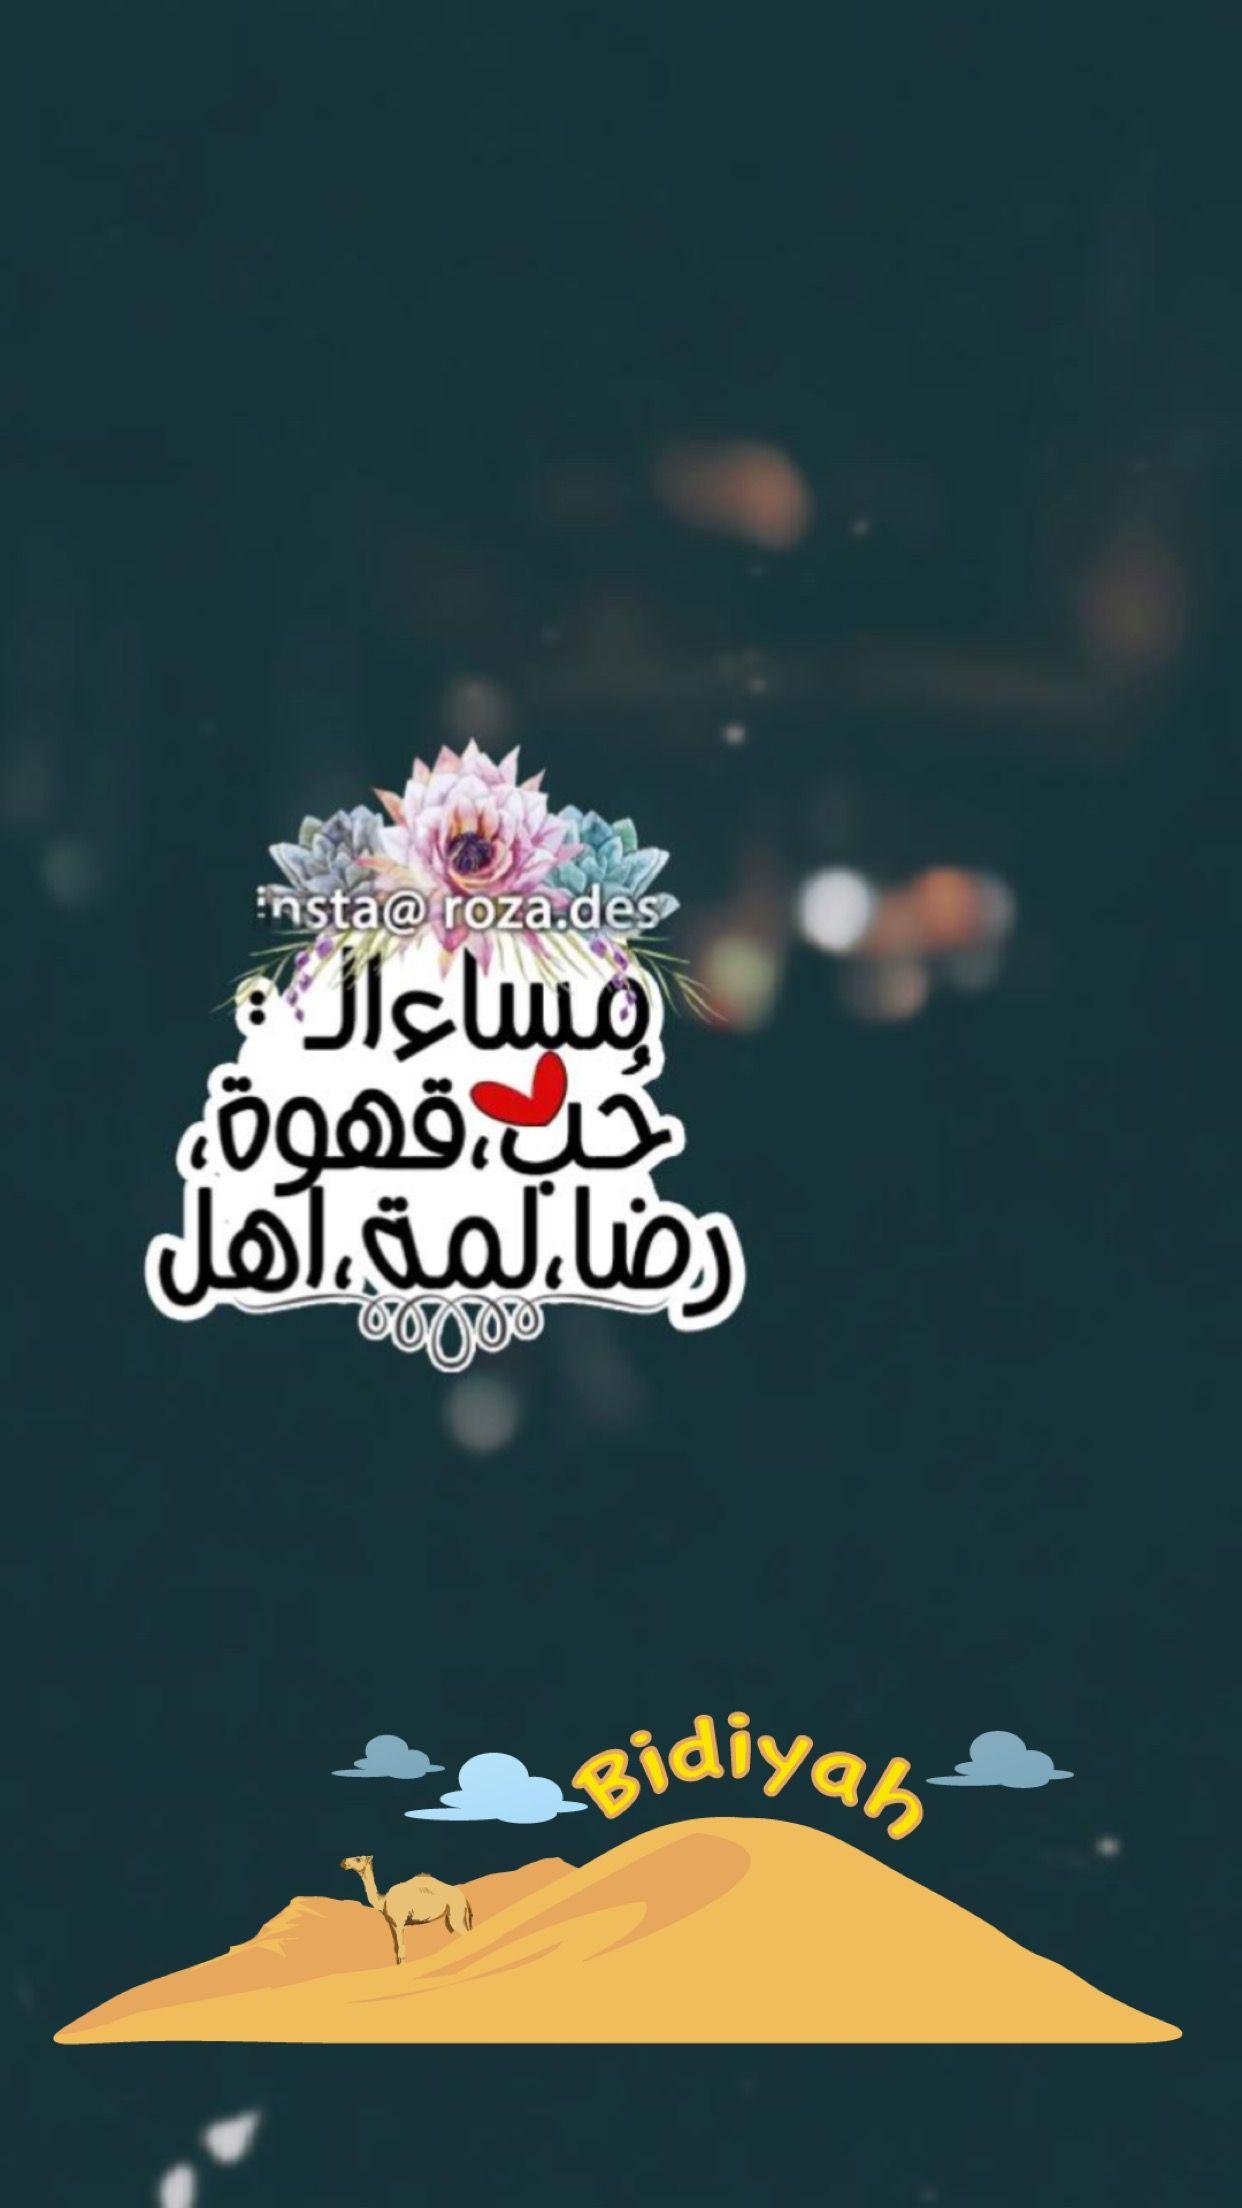 مساء الـ حب قهوة رضا لمة أهل Instagram Instagram Photo Photo